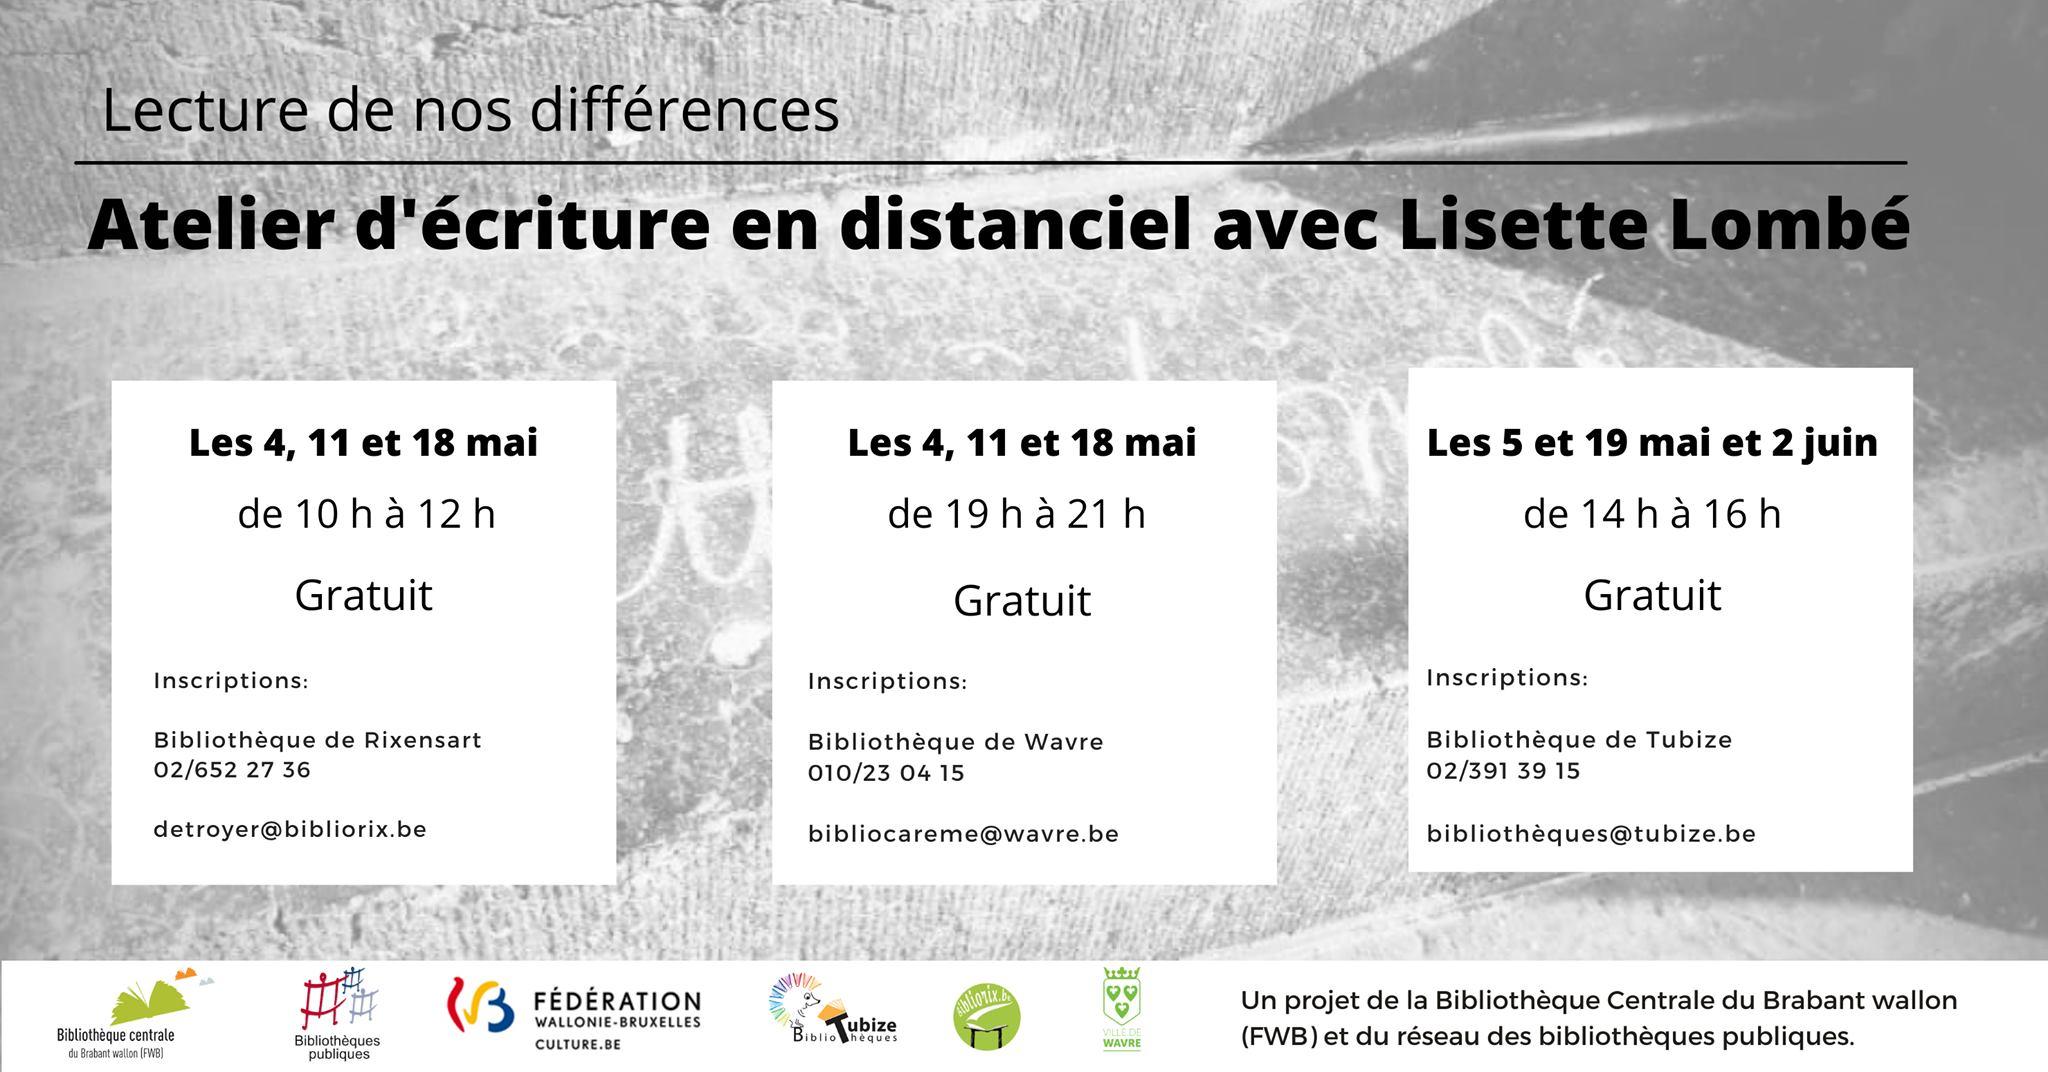 Lecture de nos différences. Atelier d'écriture virtuel avec Lisette Lombé